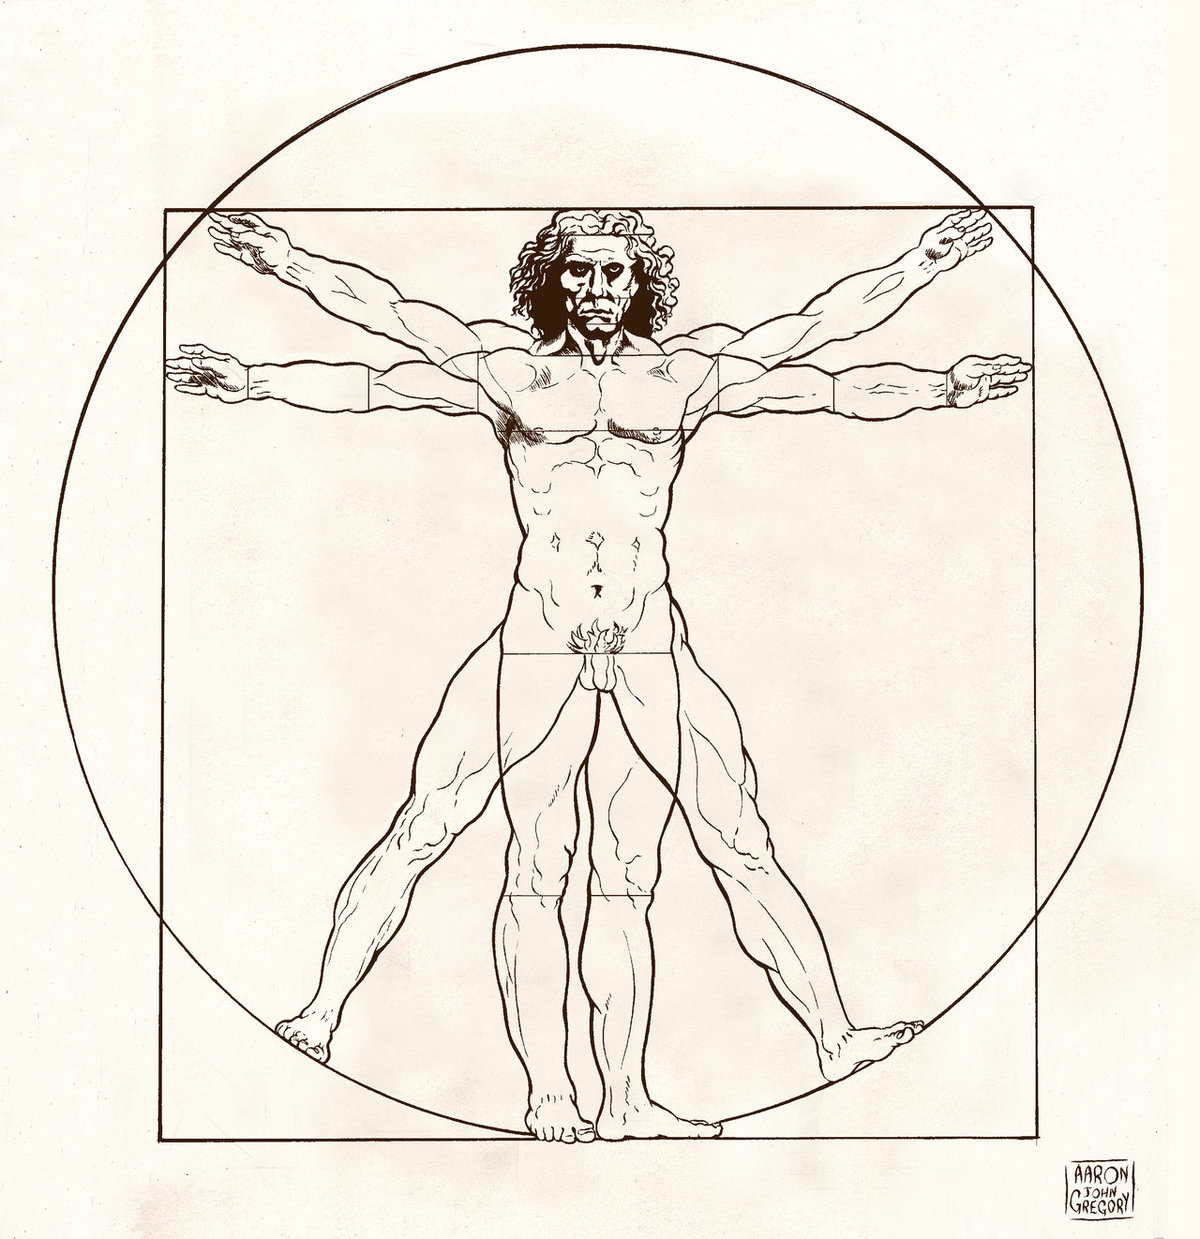 картинка леонардо да винчи человек в круге